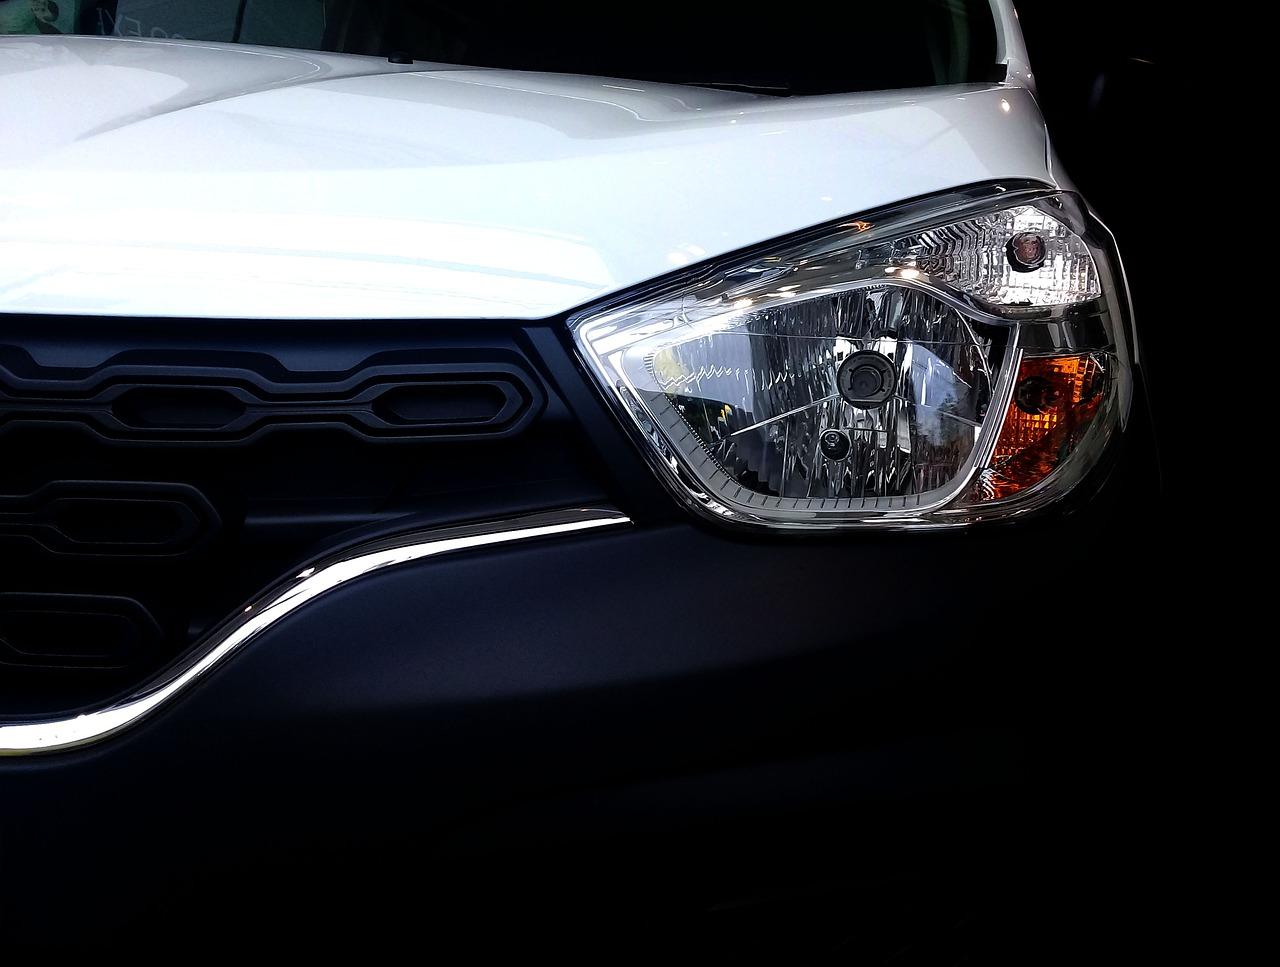 UFC-Que Choisir : un défaut dans des moteurs Renault concerne des centaines de milliers de voitures